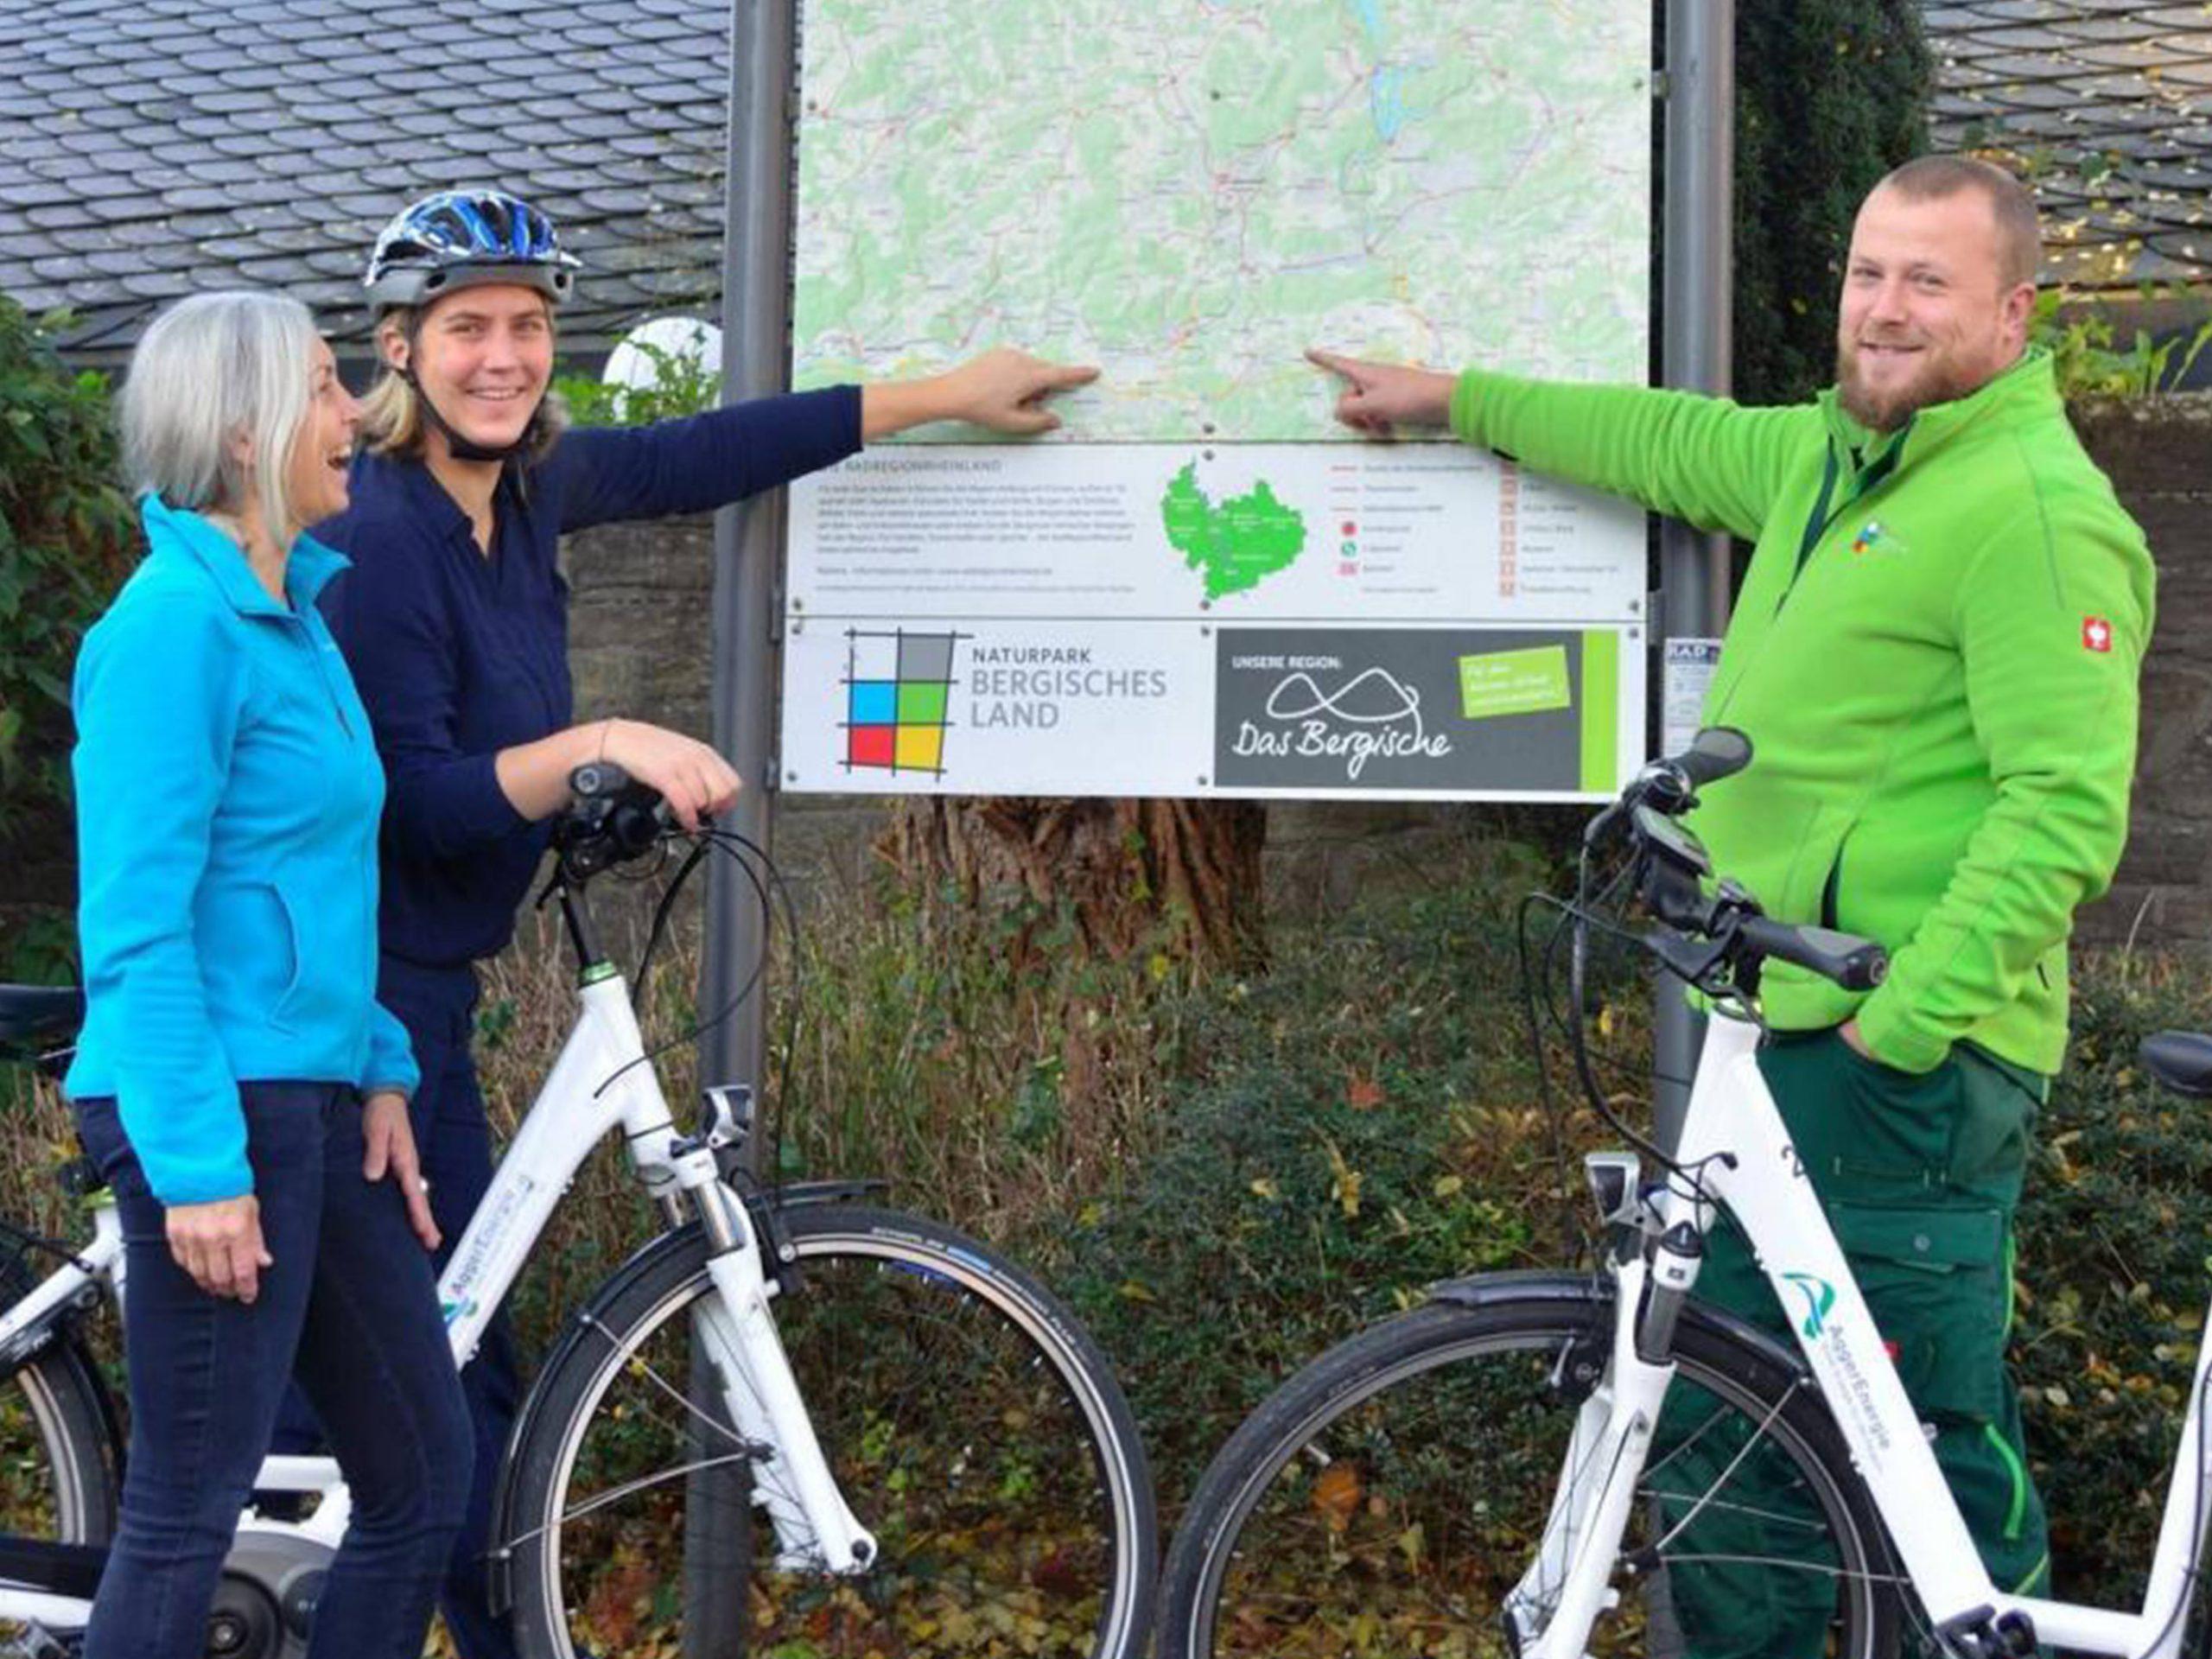 Ein Mann und eine Frau mit Rädern zeigen auf eine Karte des Naturparks Bergisches Land.